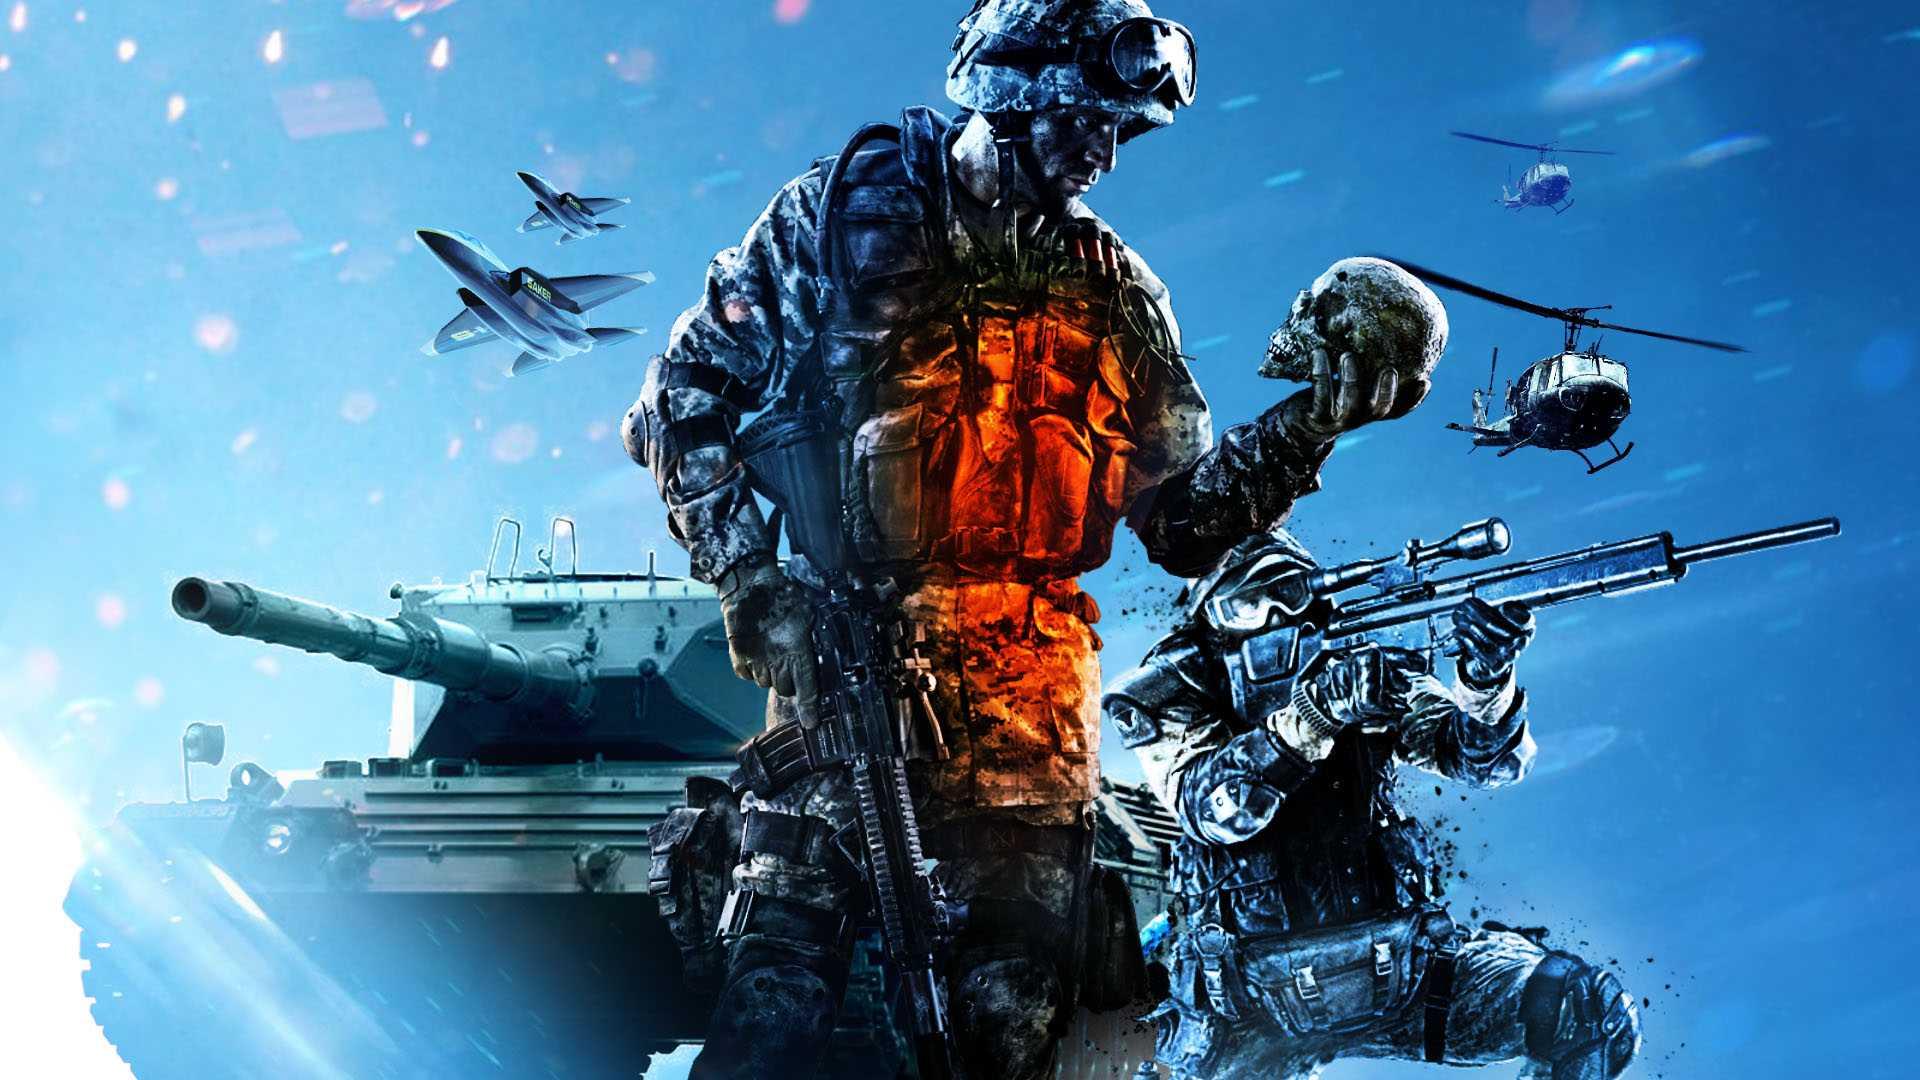 Battlefield 2042 Wallpaper   KoLPaPer   Awesome HD Wallpapers 1920x1080